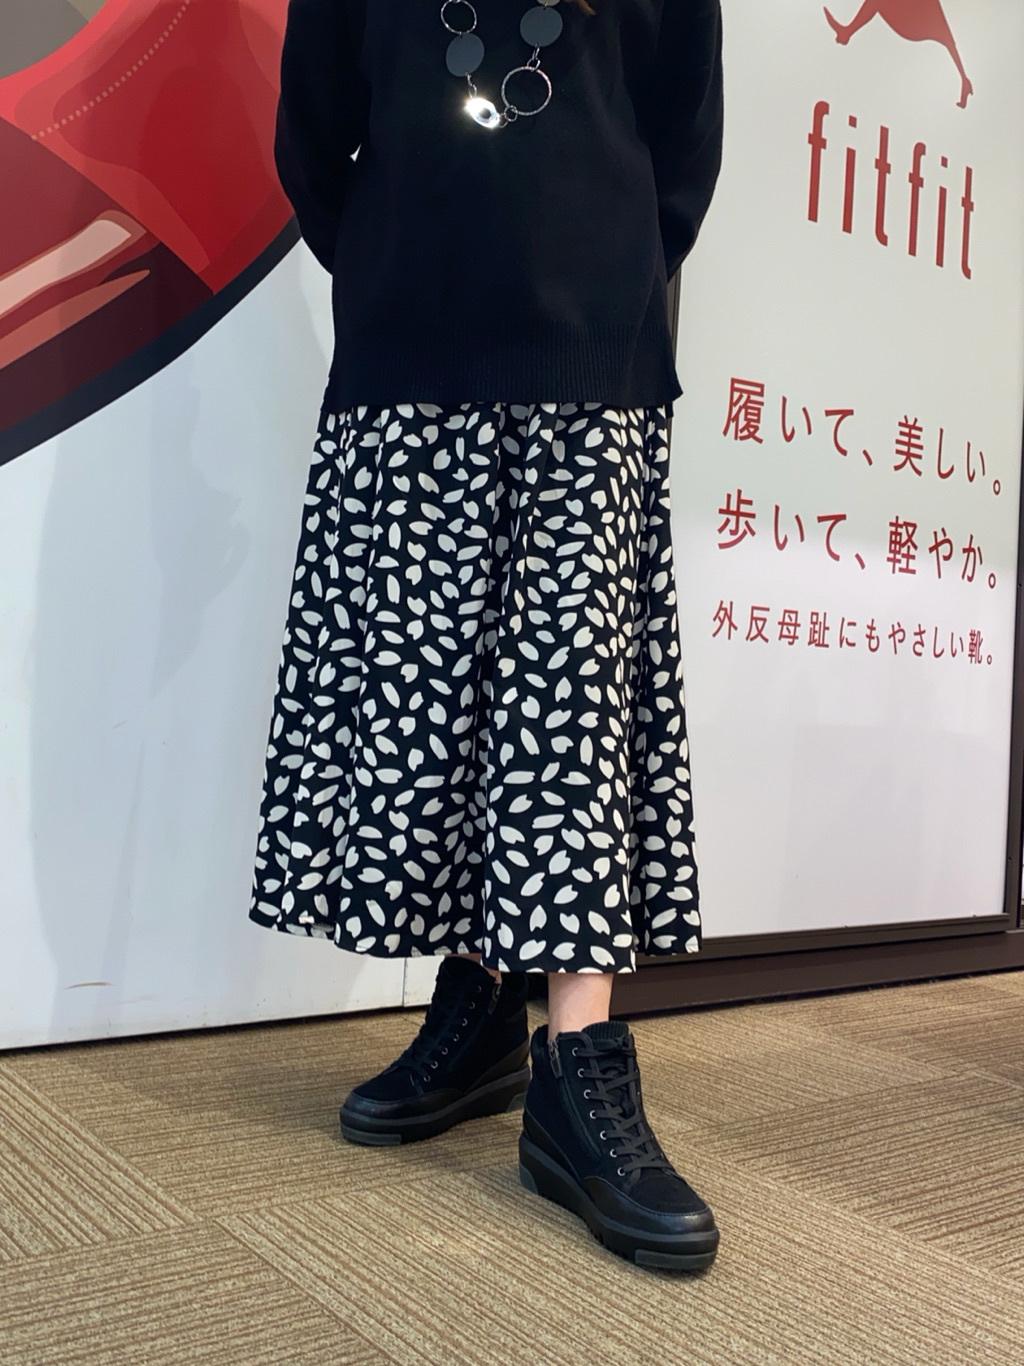 近藤 昭子